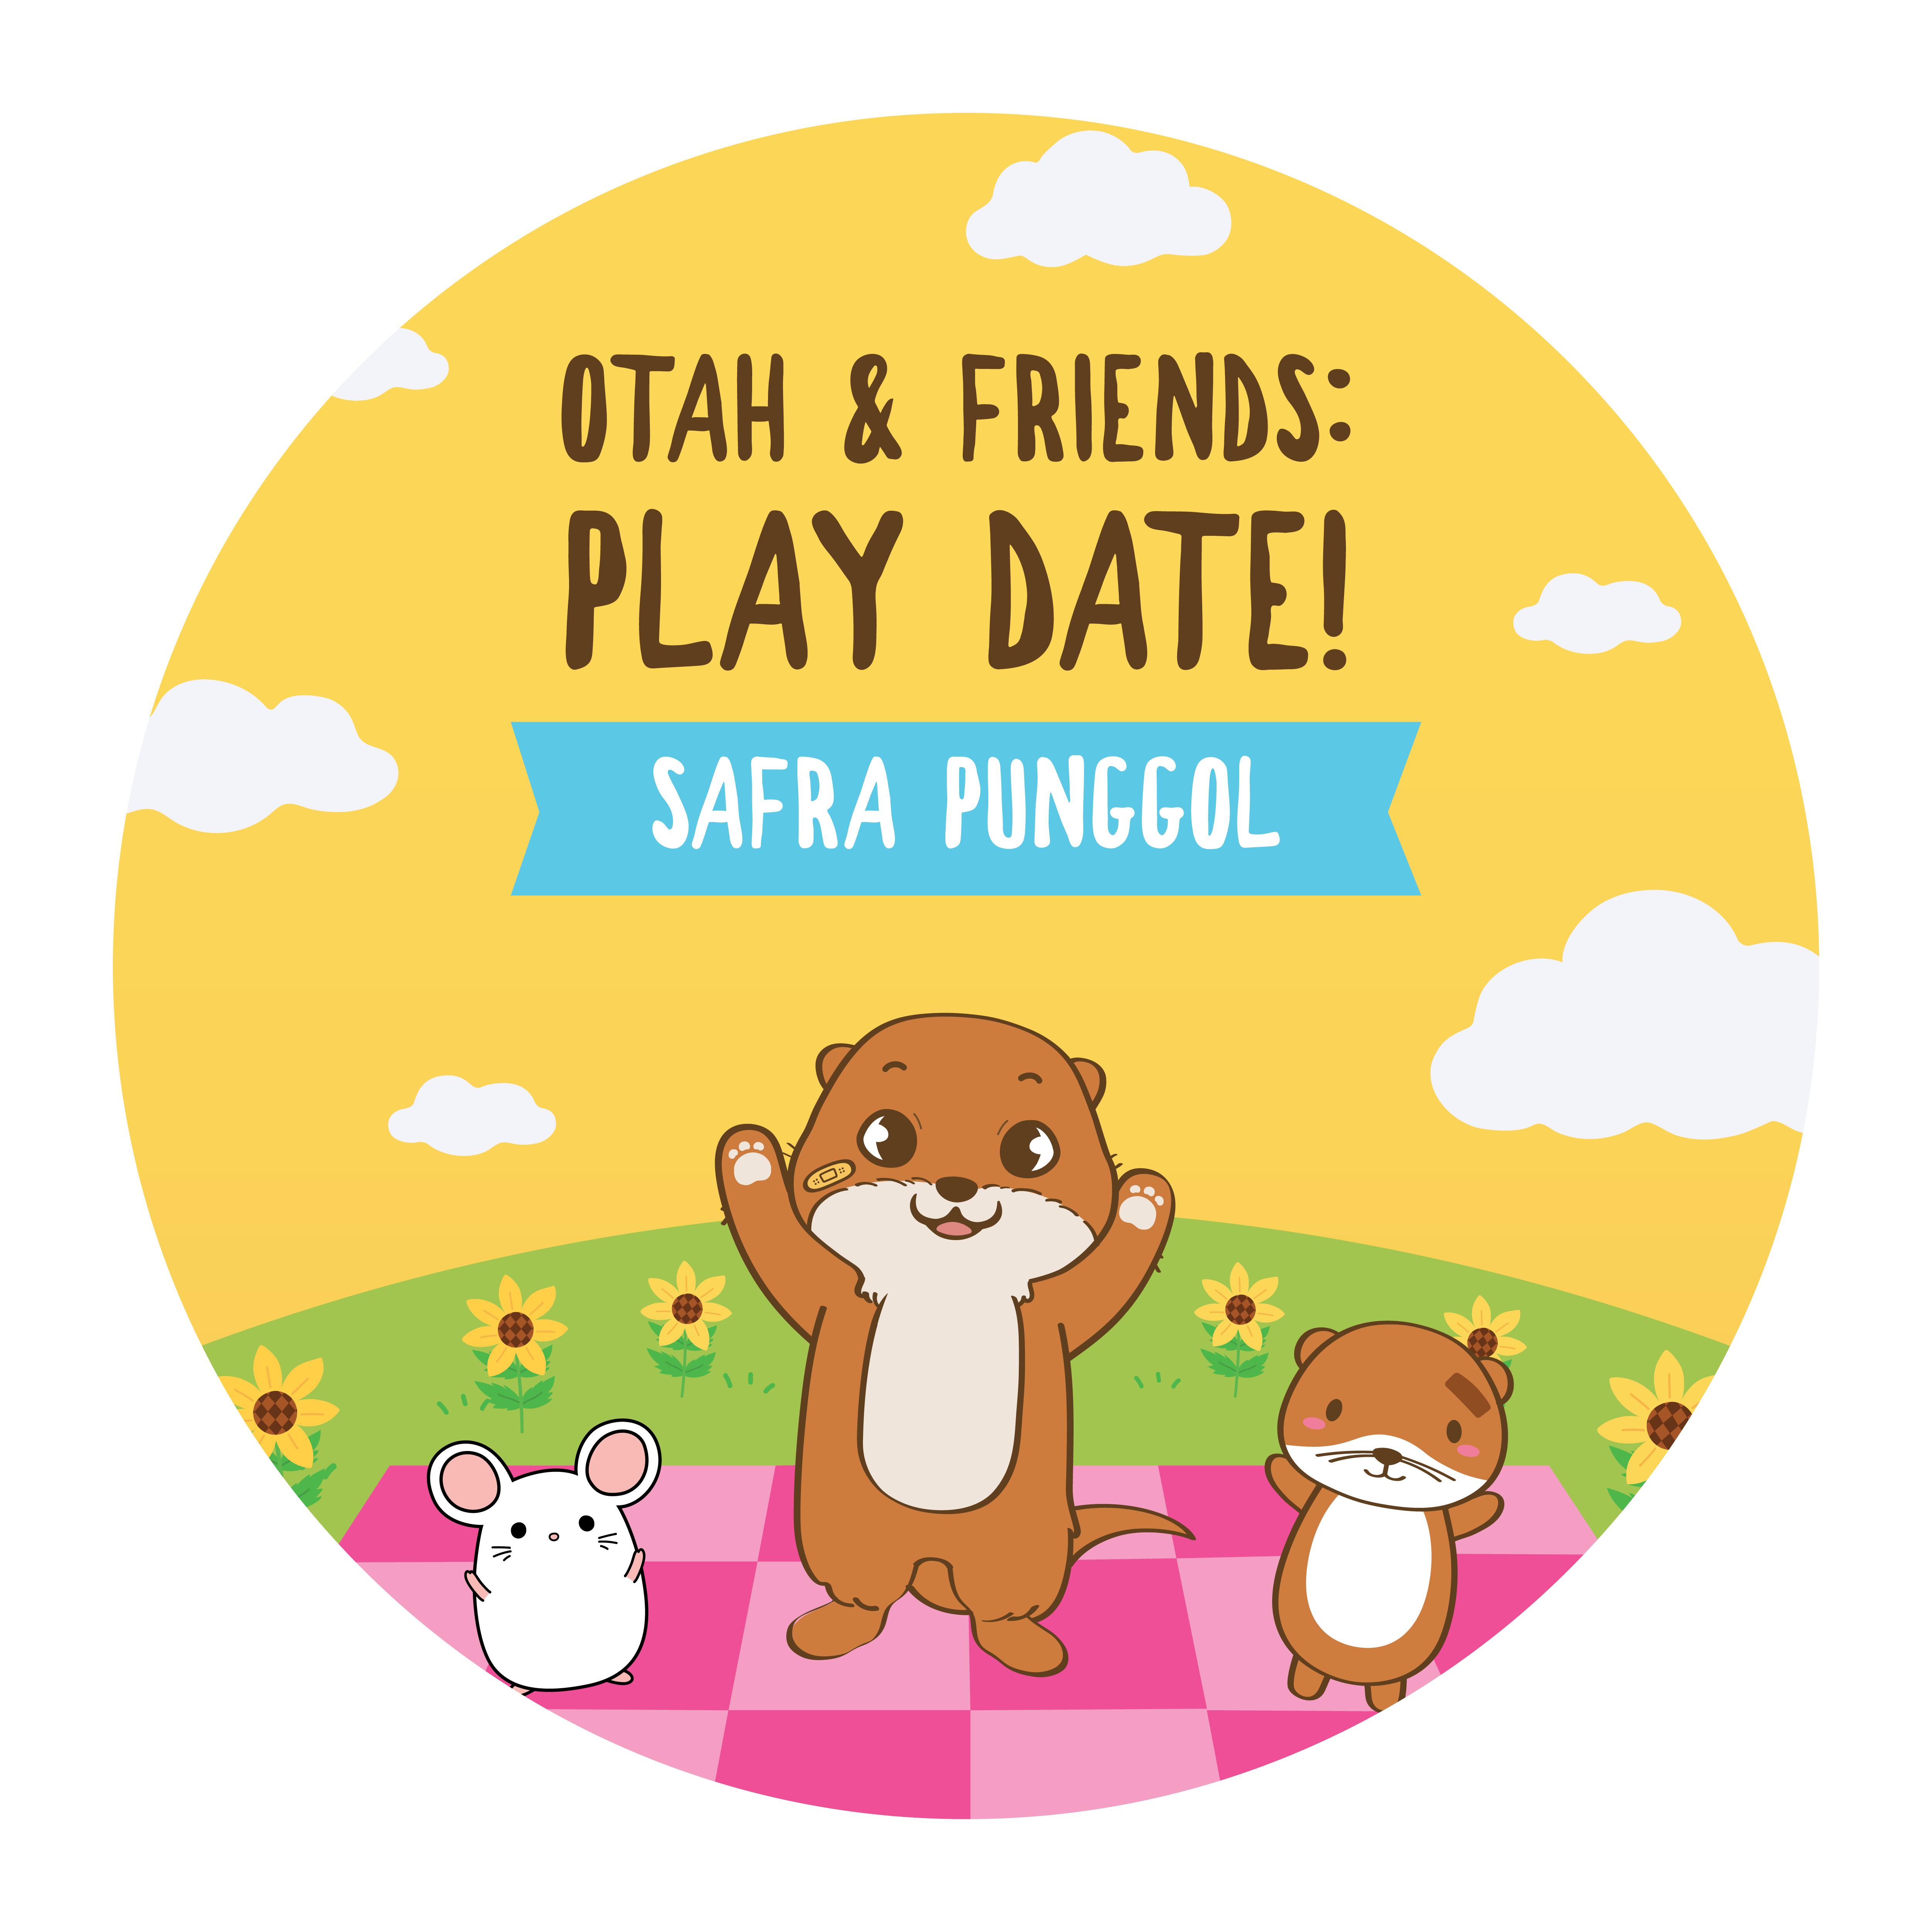 Otah & Friends: Playdate! at SAFRA Punggol